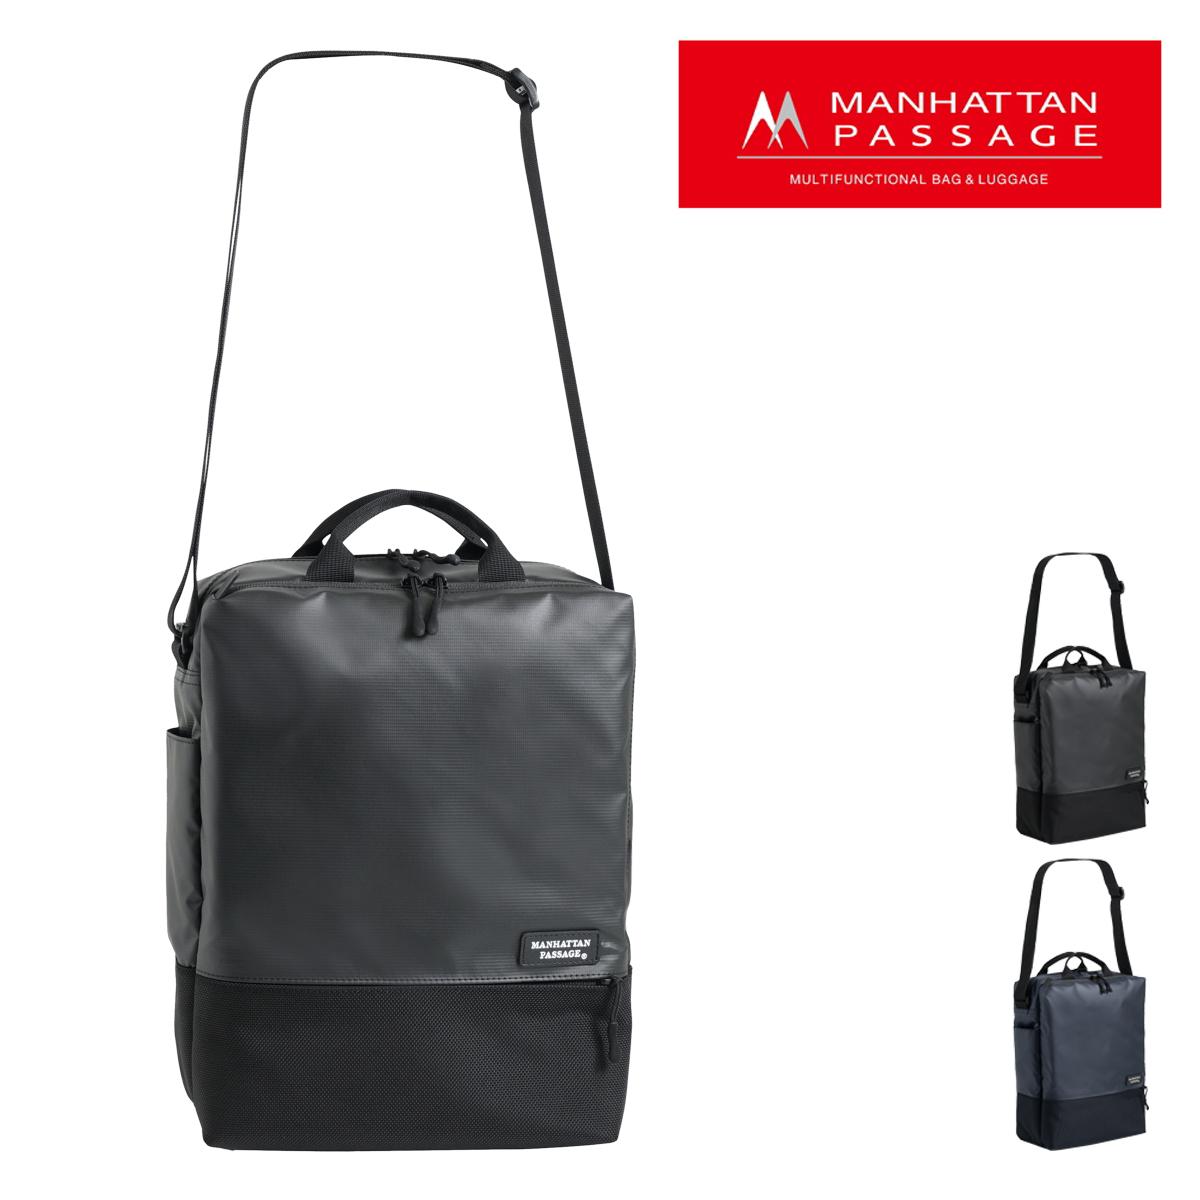 マンハッタンパッセージ ショルダーバッグ Plus メンズ3360 MANHATTAN PASSAGE | ビジネスバッグ A4 高密度ナイロン 撥水 軽量[PO10]